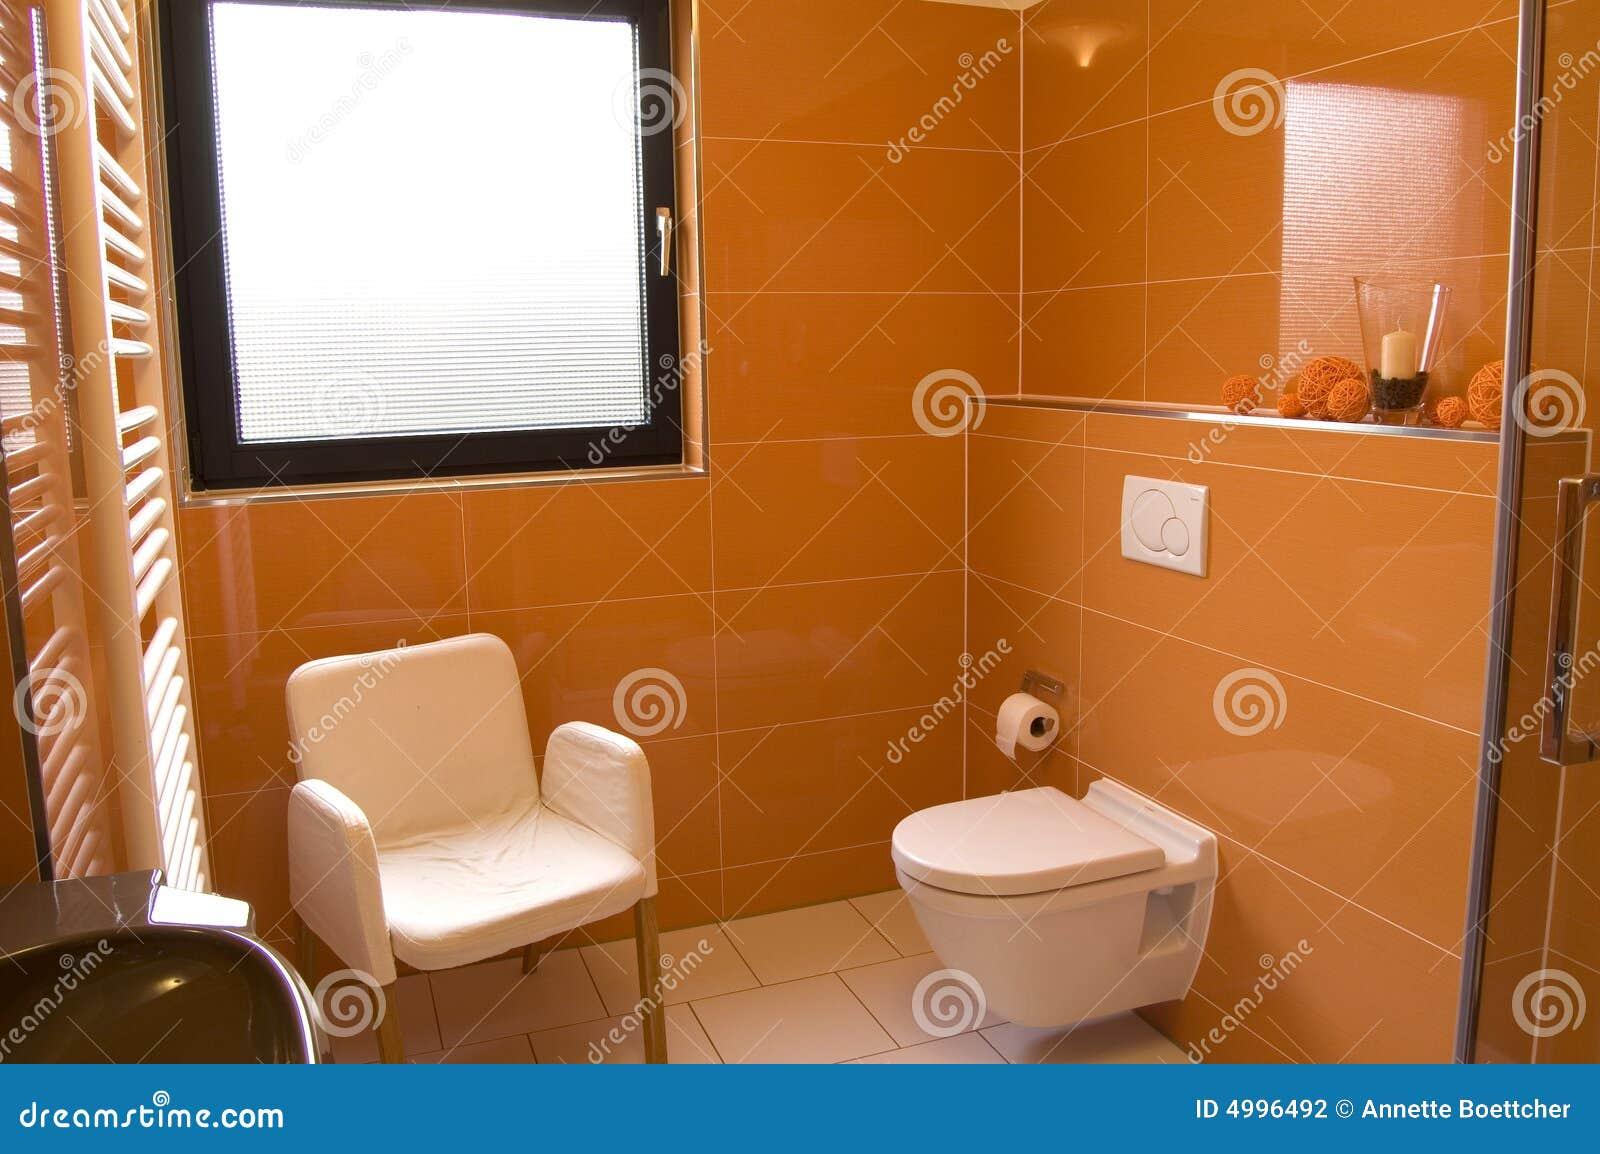 Modernes orange Badezimmer stockfoto. Bild von haus, waschraum - 4996492